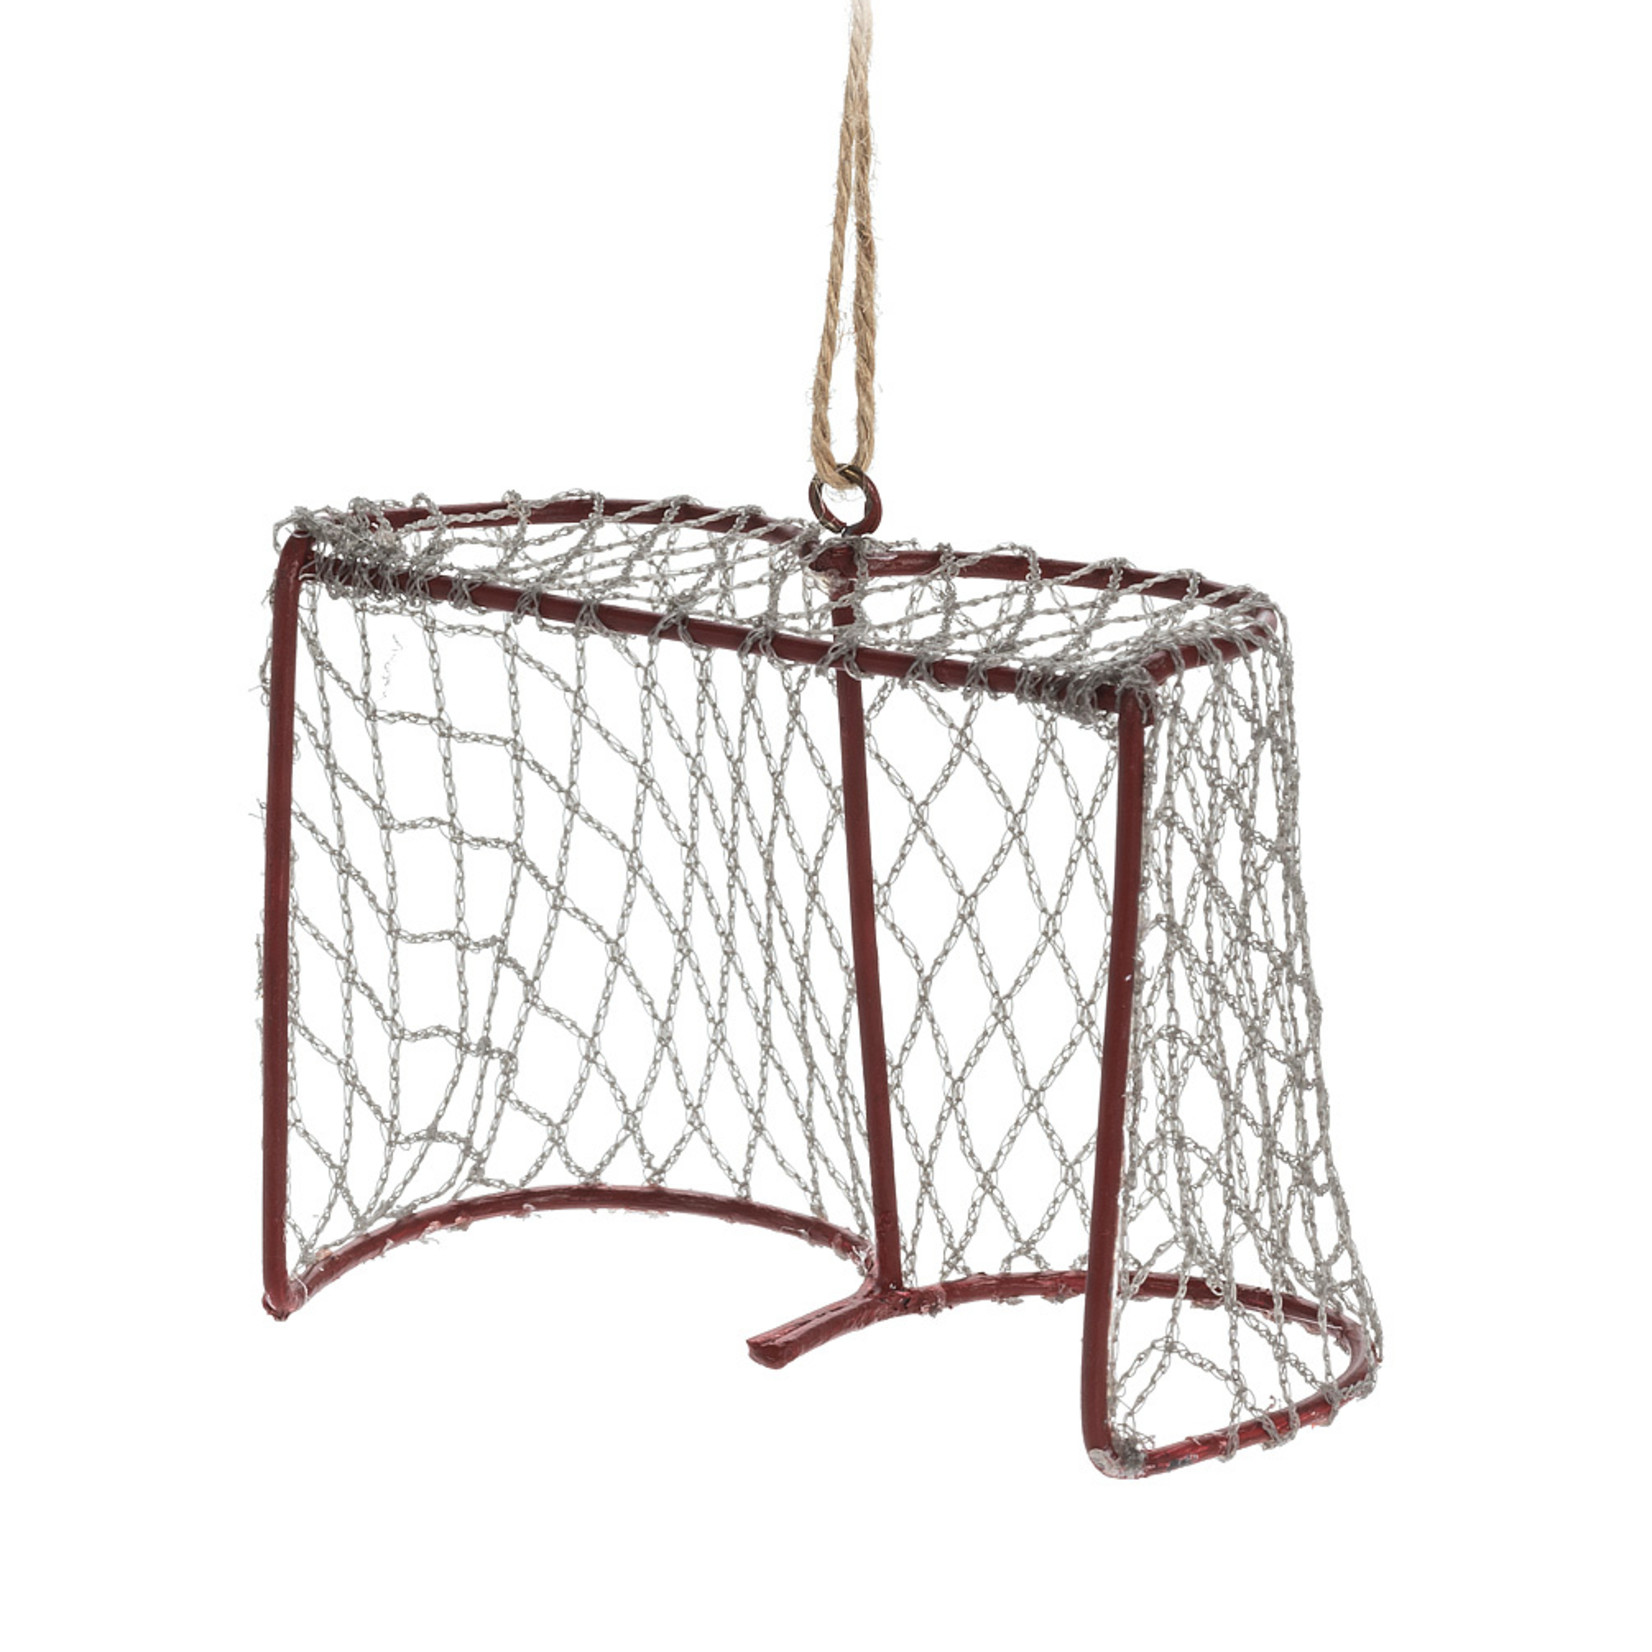 Abbott Goalie Net Ornament